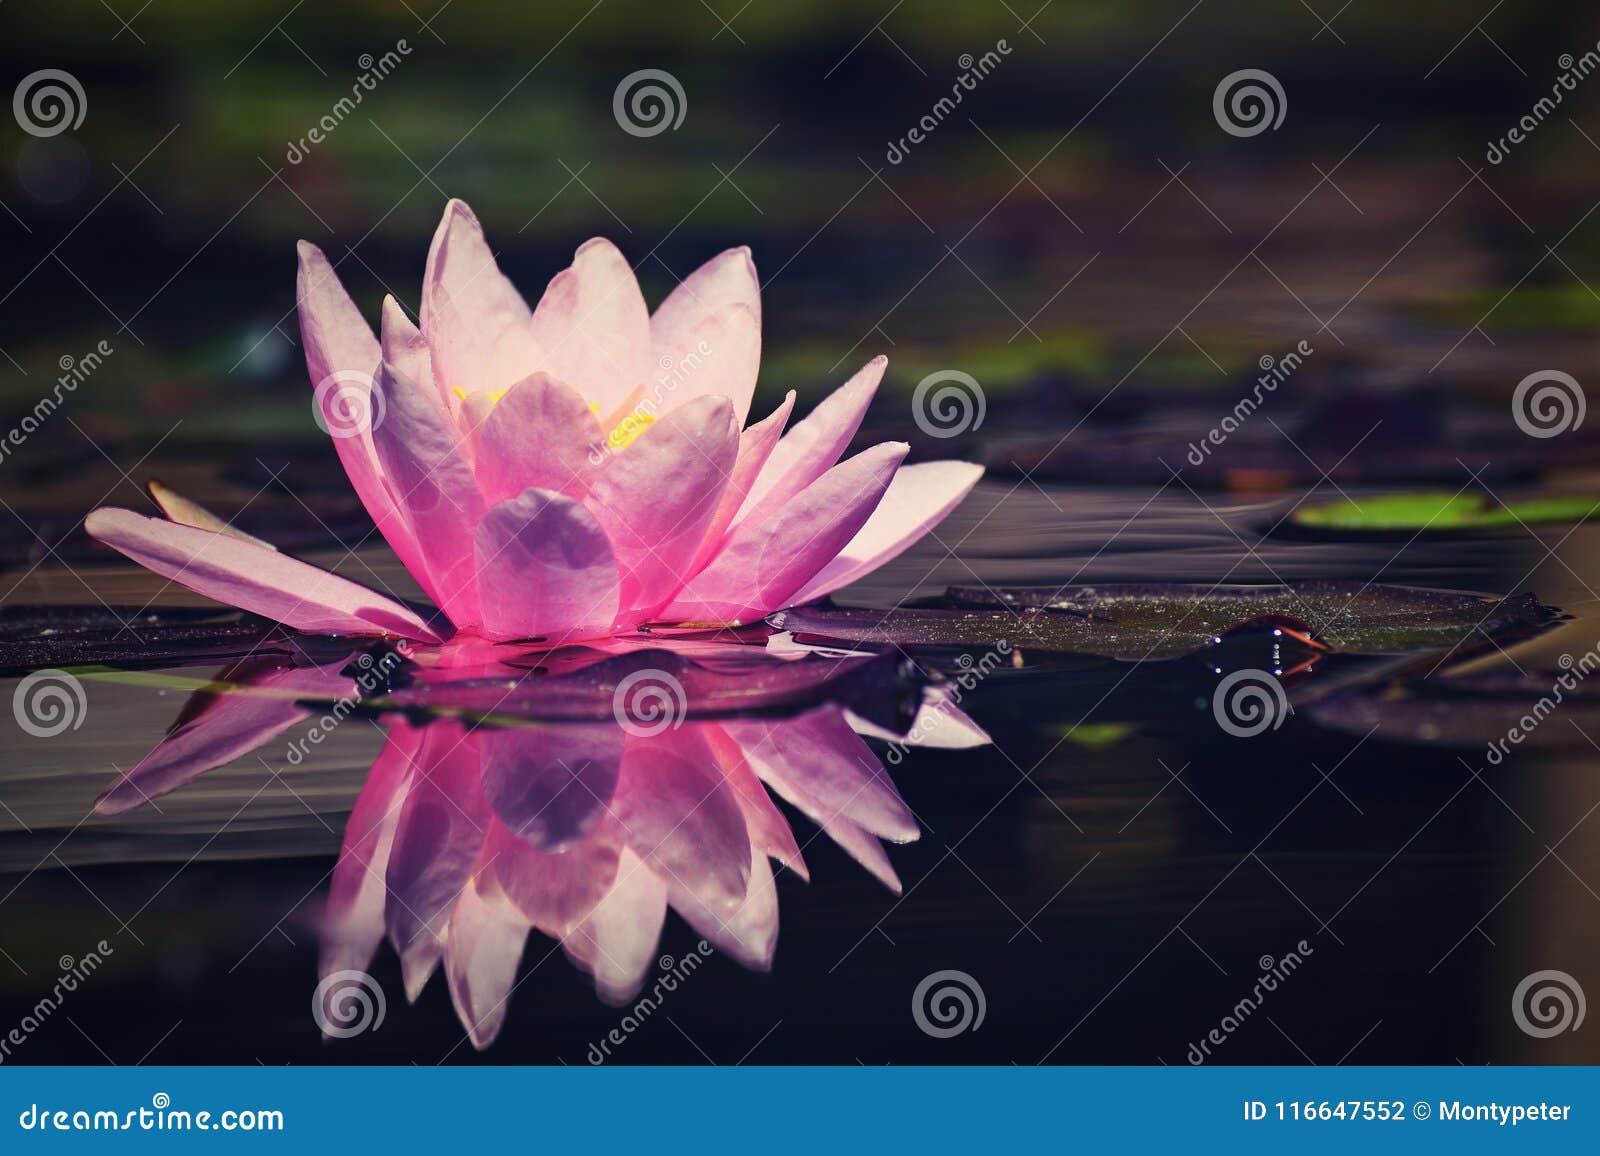 Mooi roze waterlily - lotusbloembloem in vijver Nymphaea, Waterlily